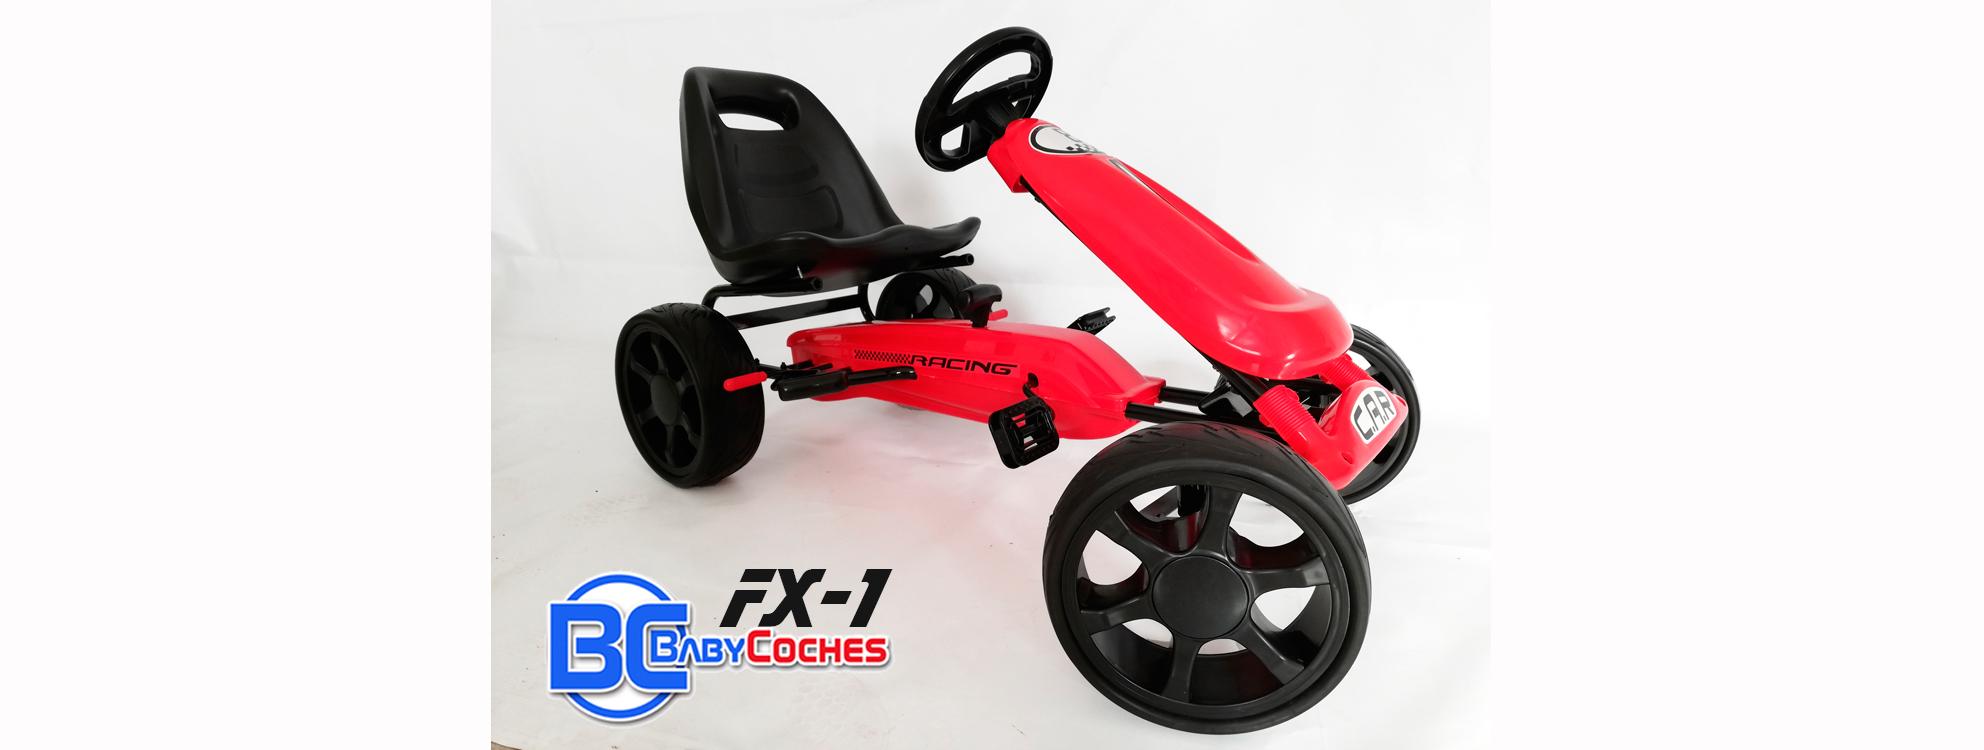 coche a pedales FX-1